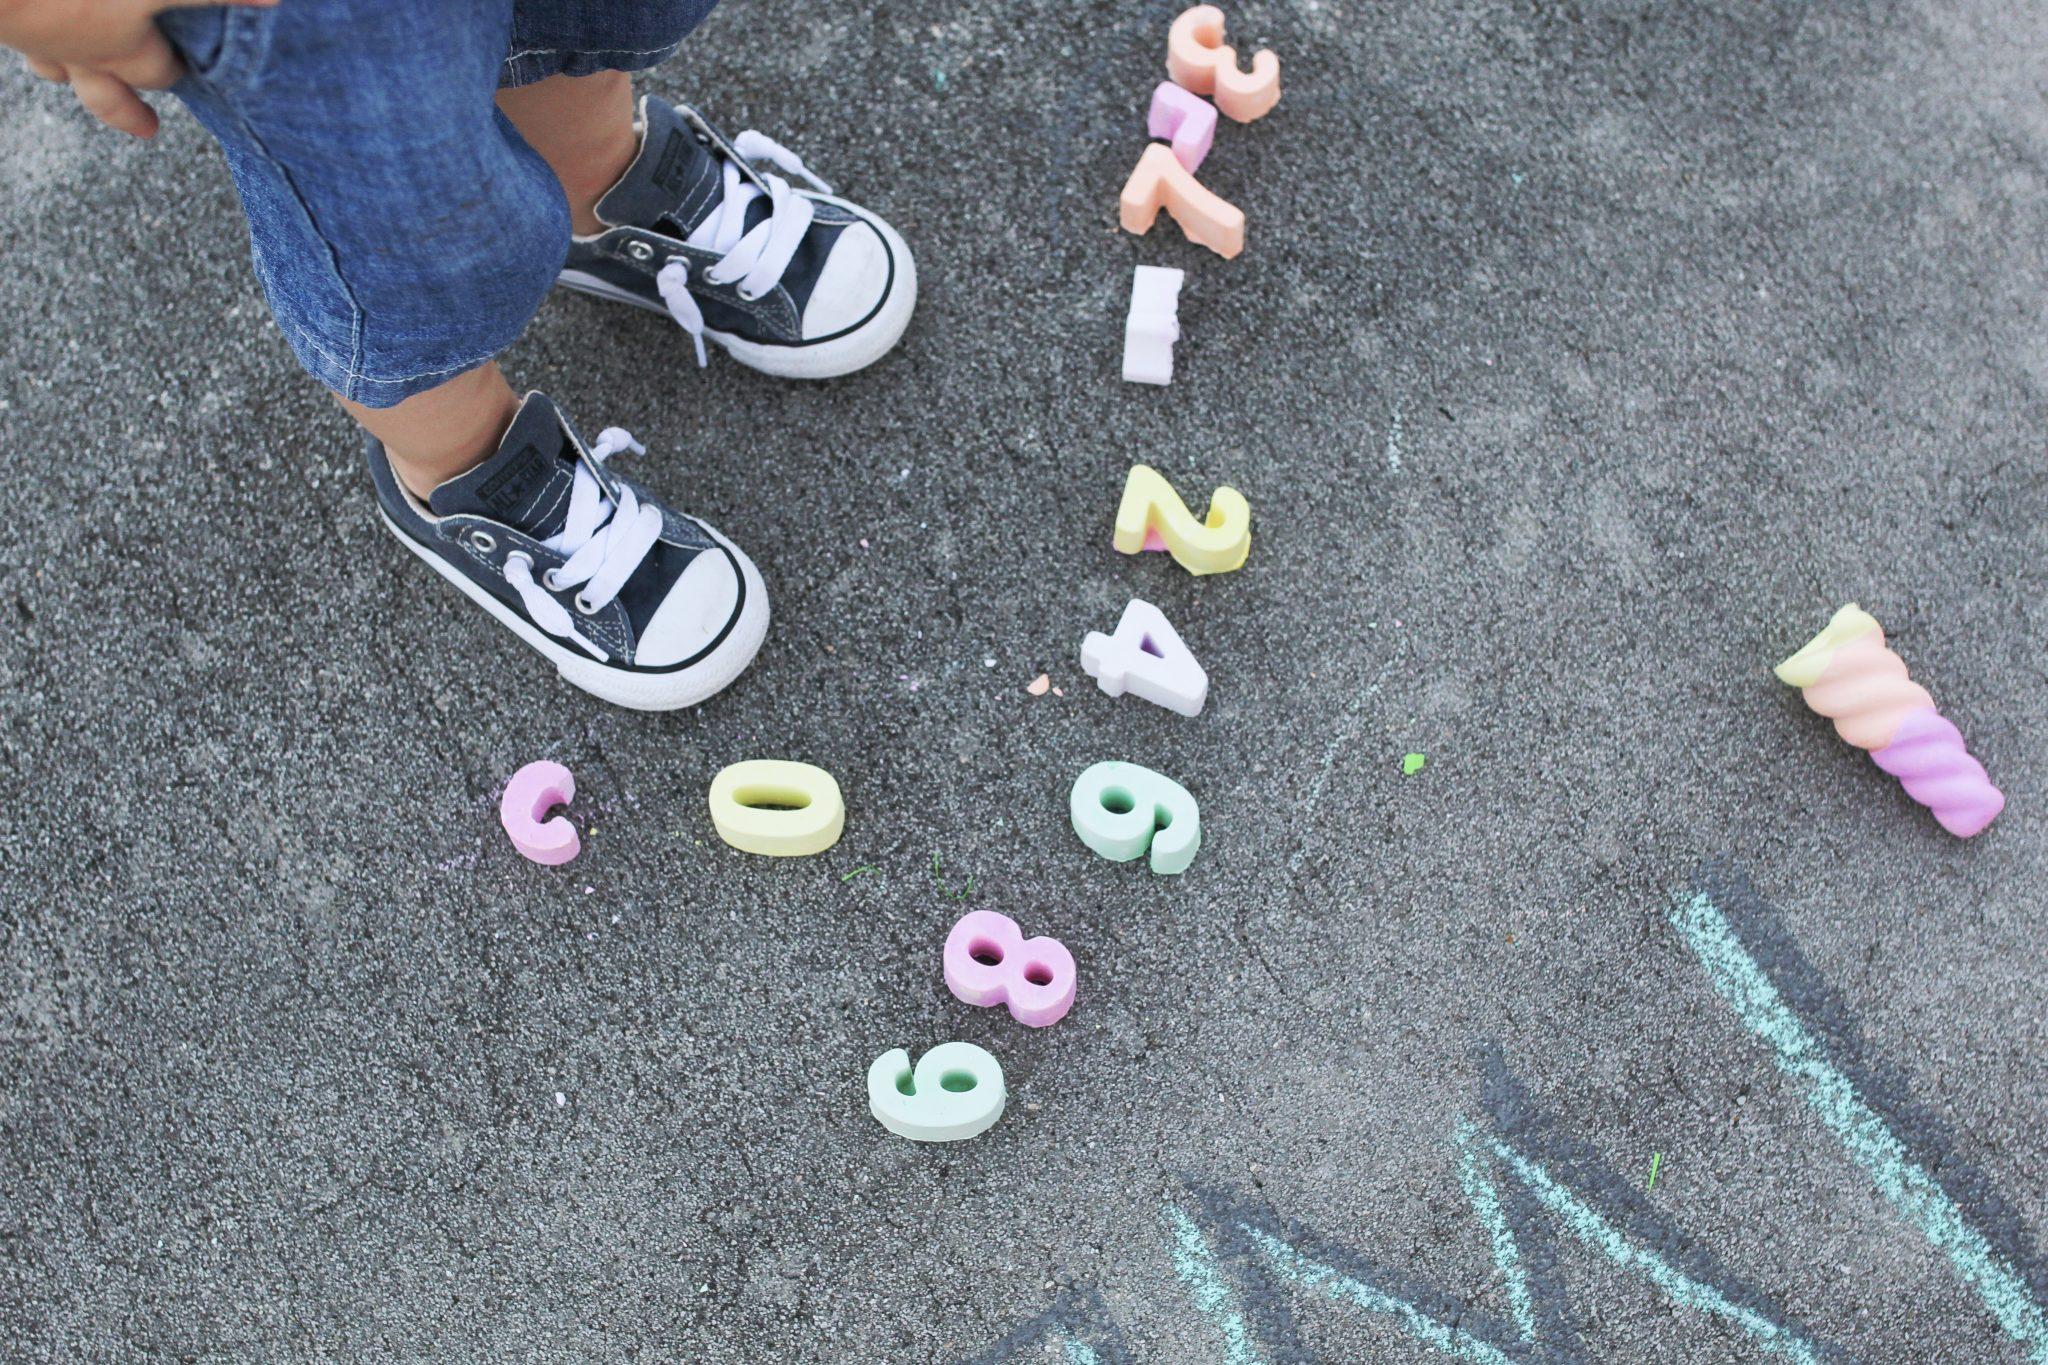 LEARNING THROUGH PLAY WITH SIDEWALK CHALK